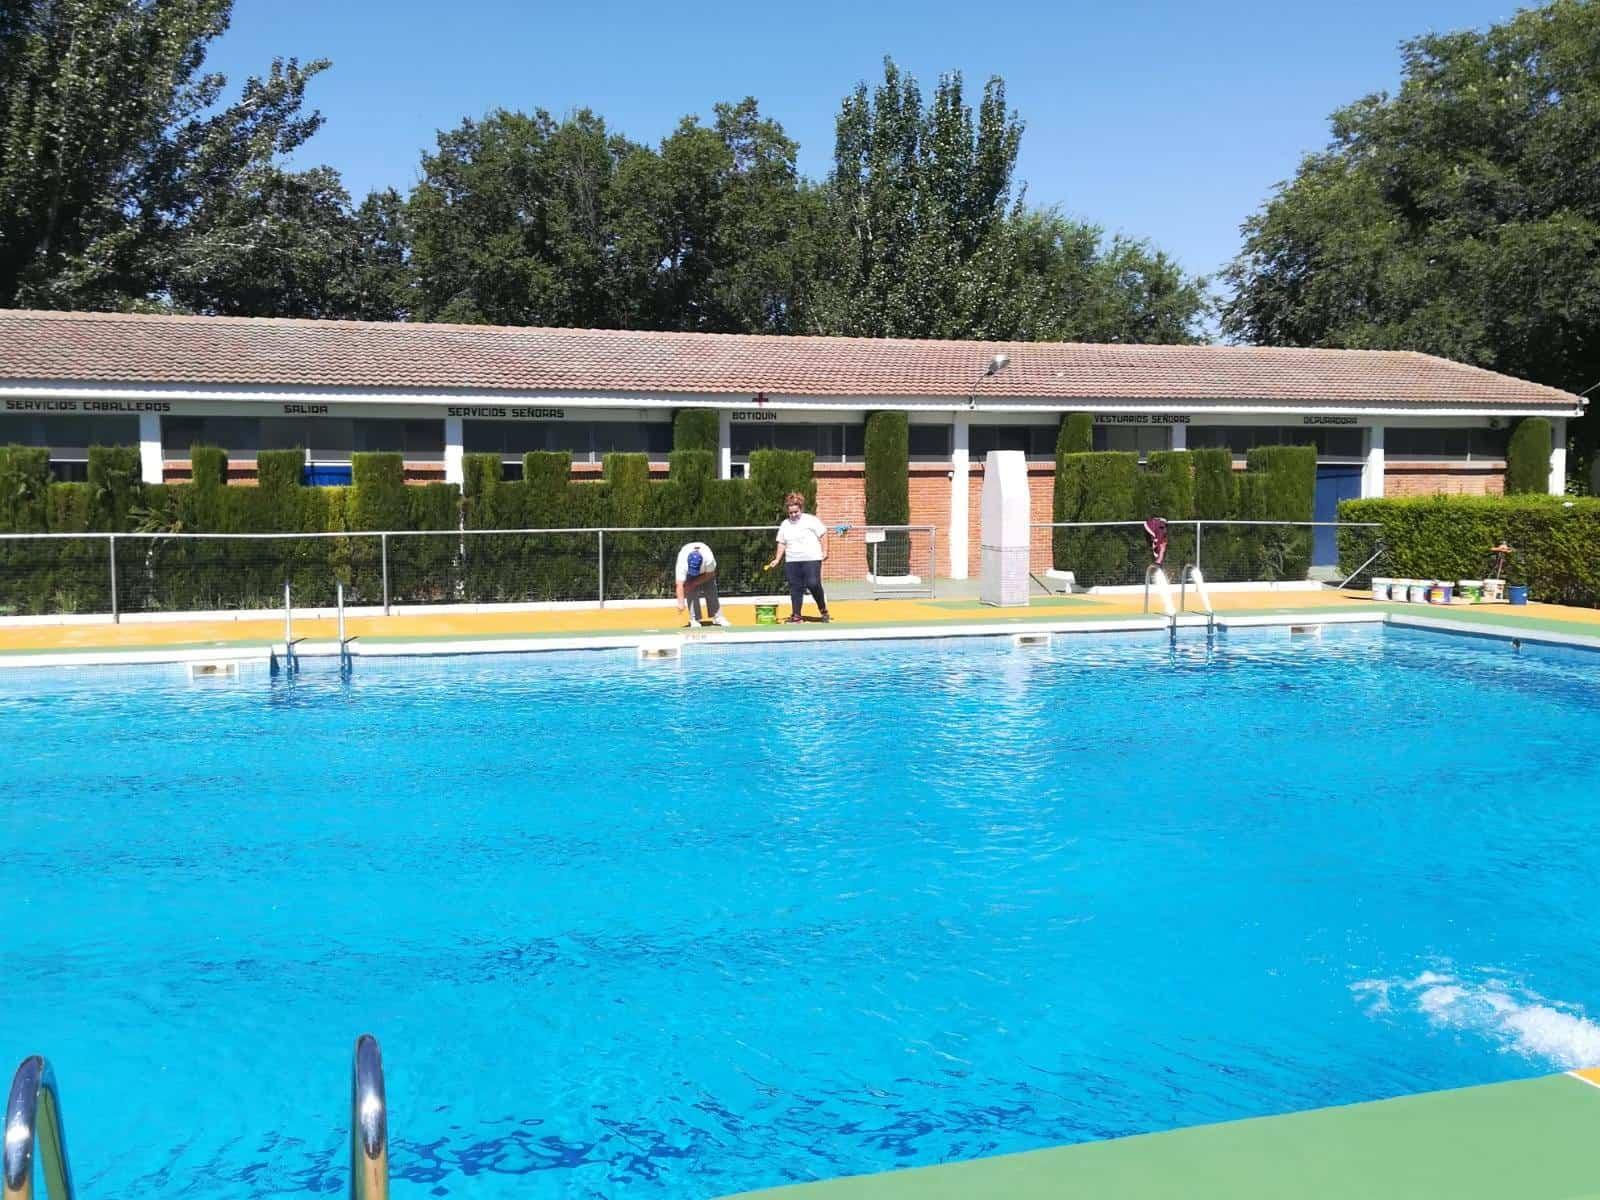 La piscina municipal abrirá sus puertas el 15 de junio durante tres meses 8